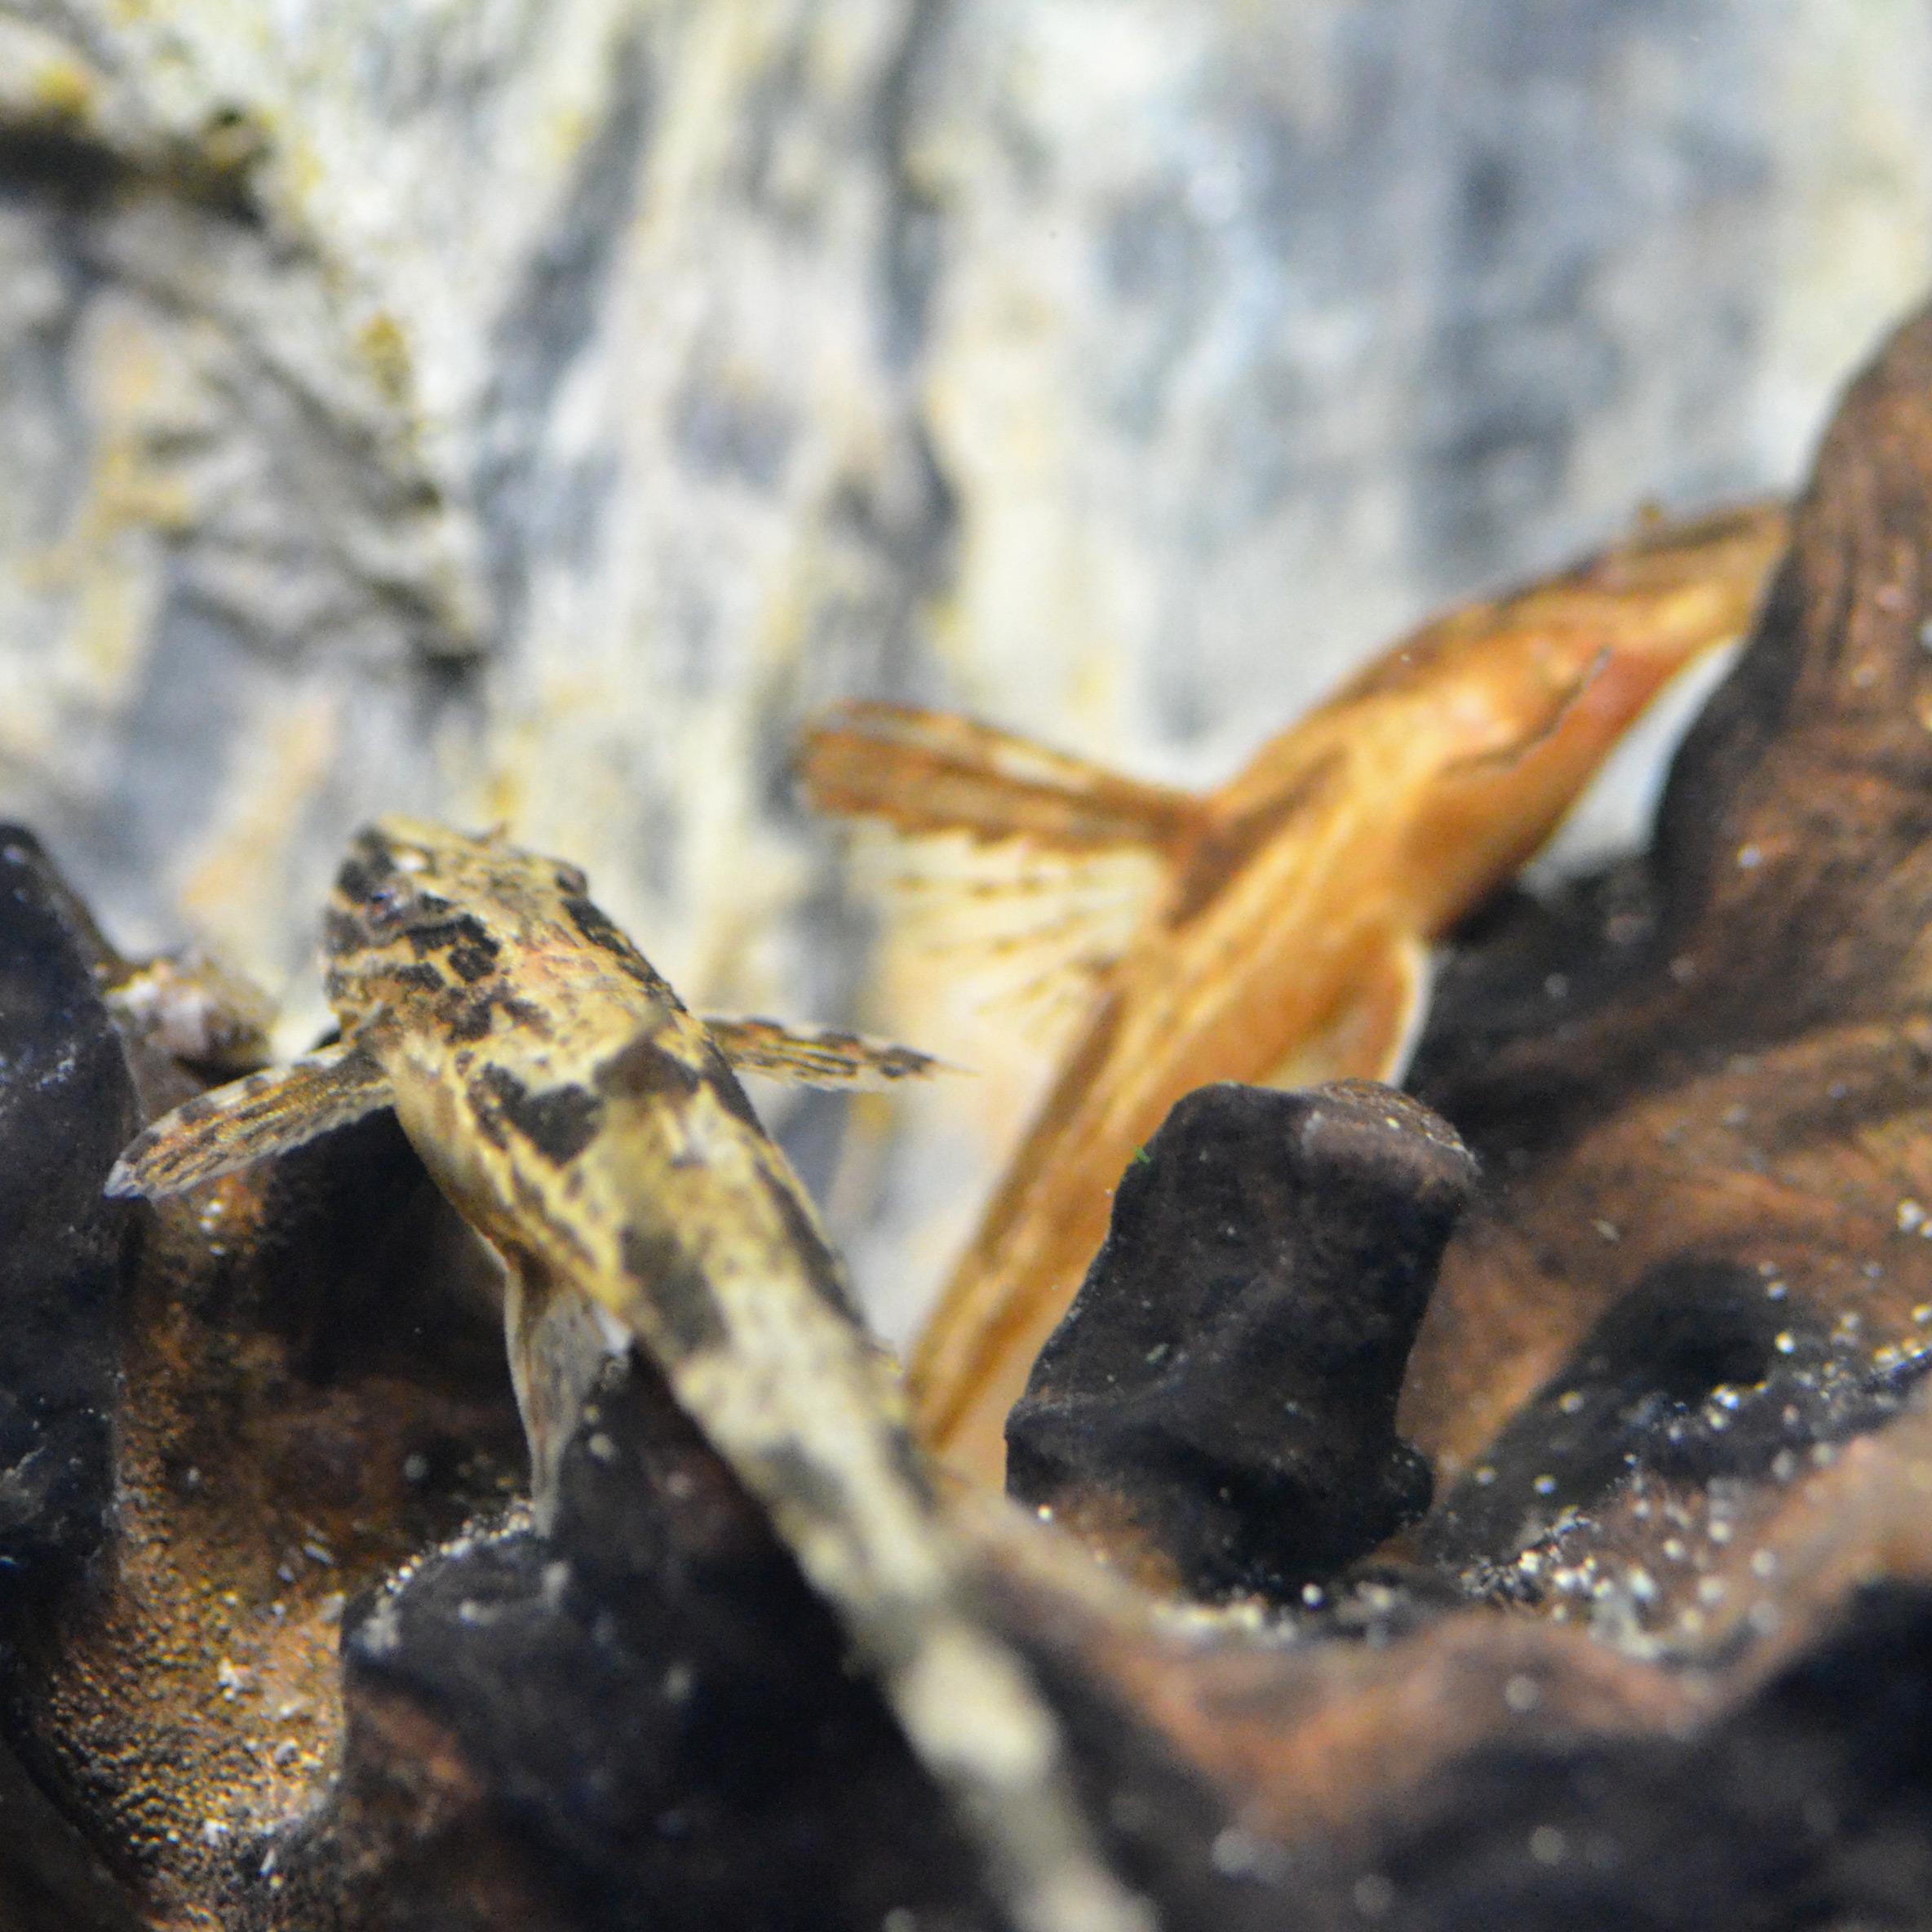 Leliella sp. L010a